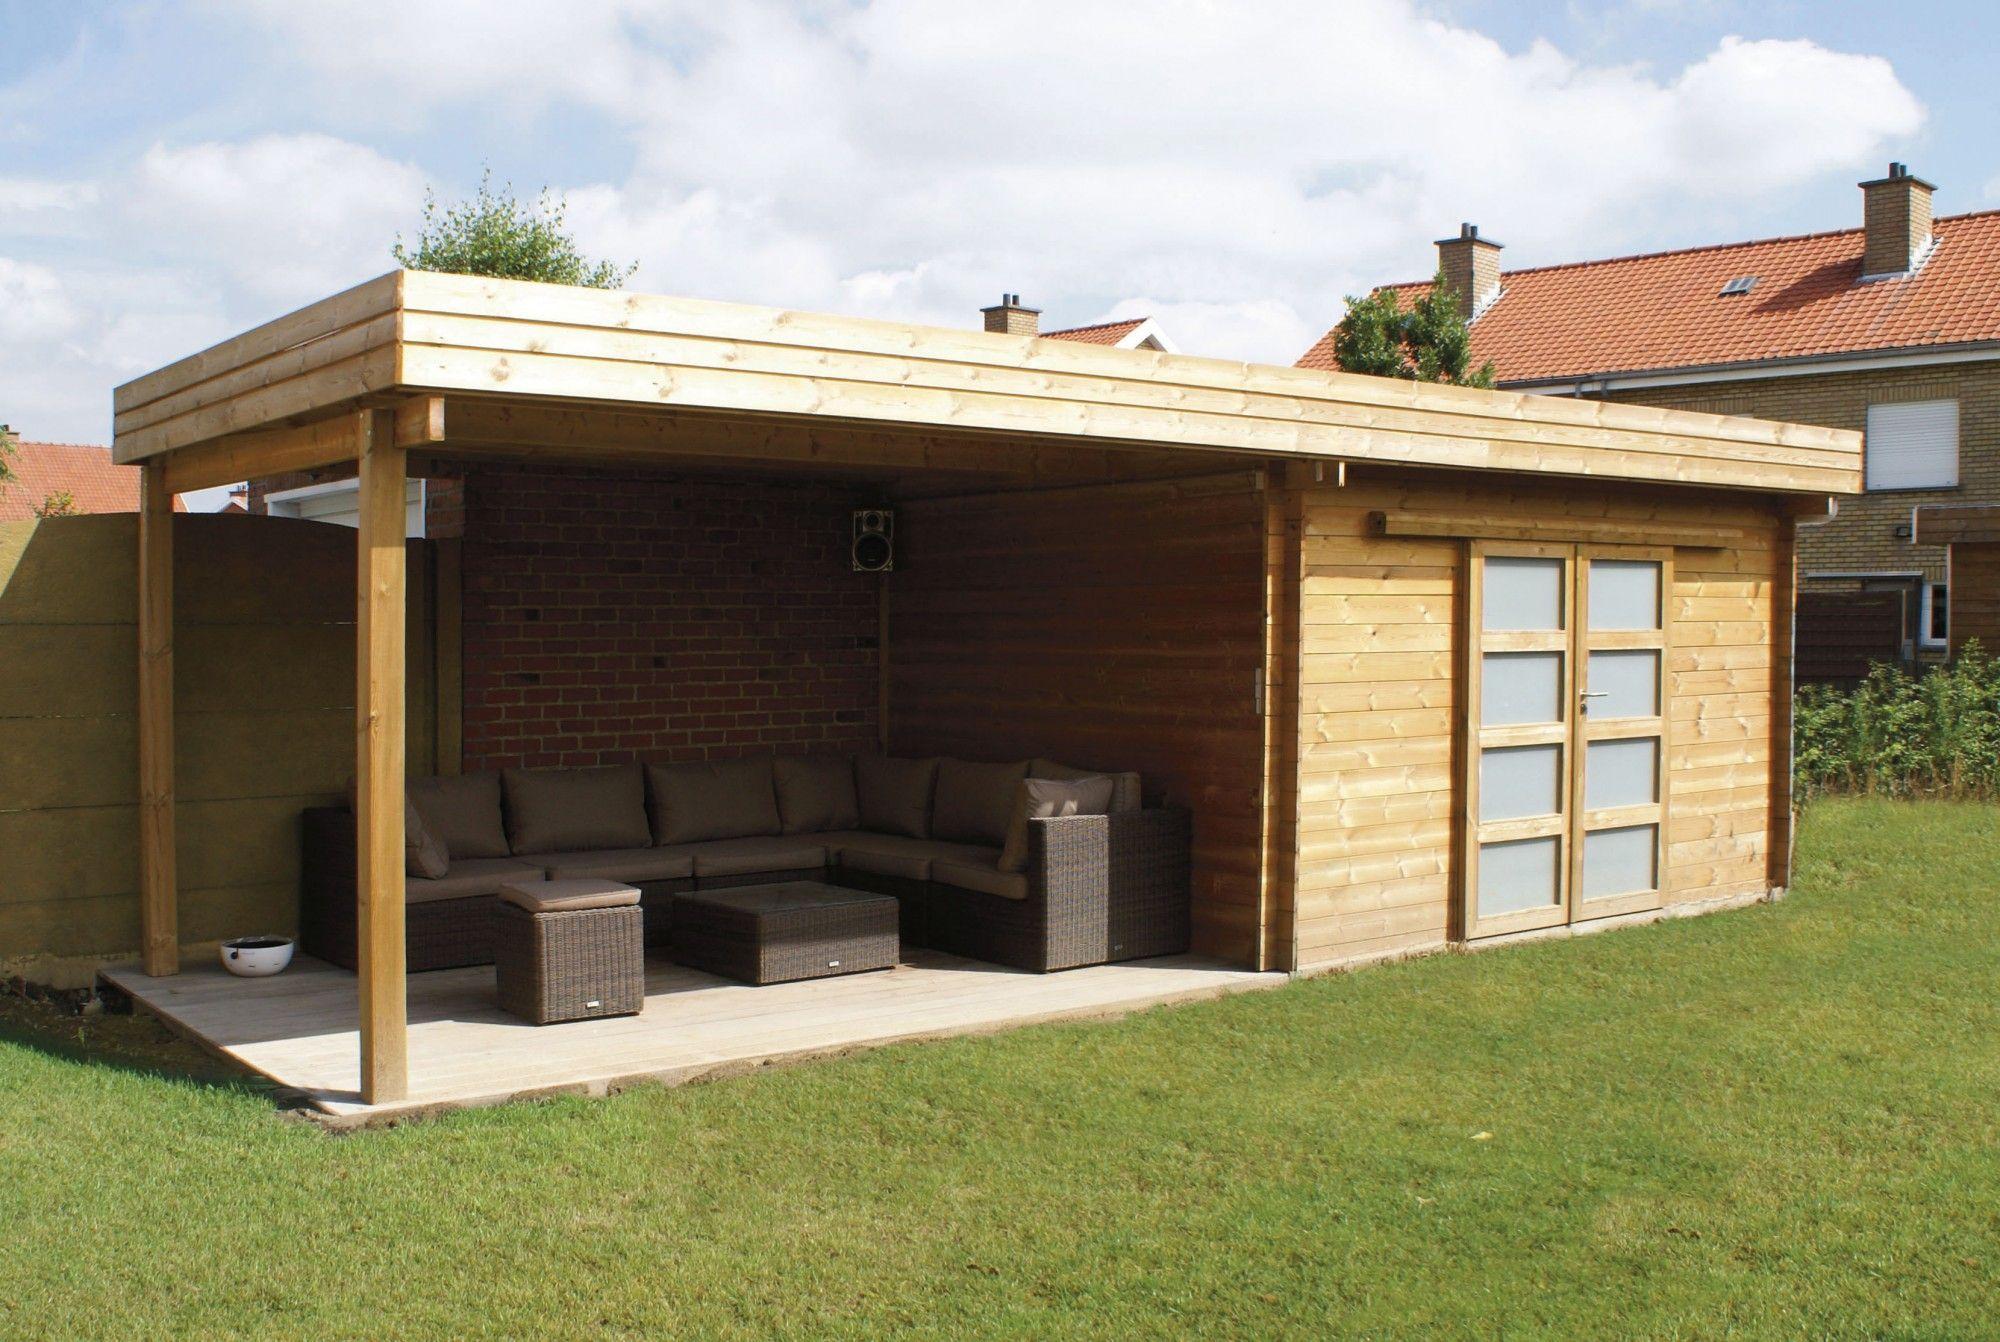 Abri De Jardin Non Clos - Maison Mobilier Et Design | Abri ... pour Abri De Jardin Moderne